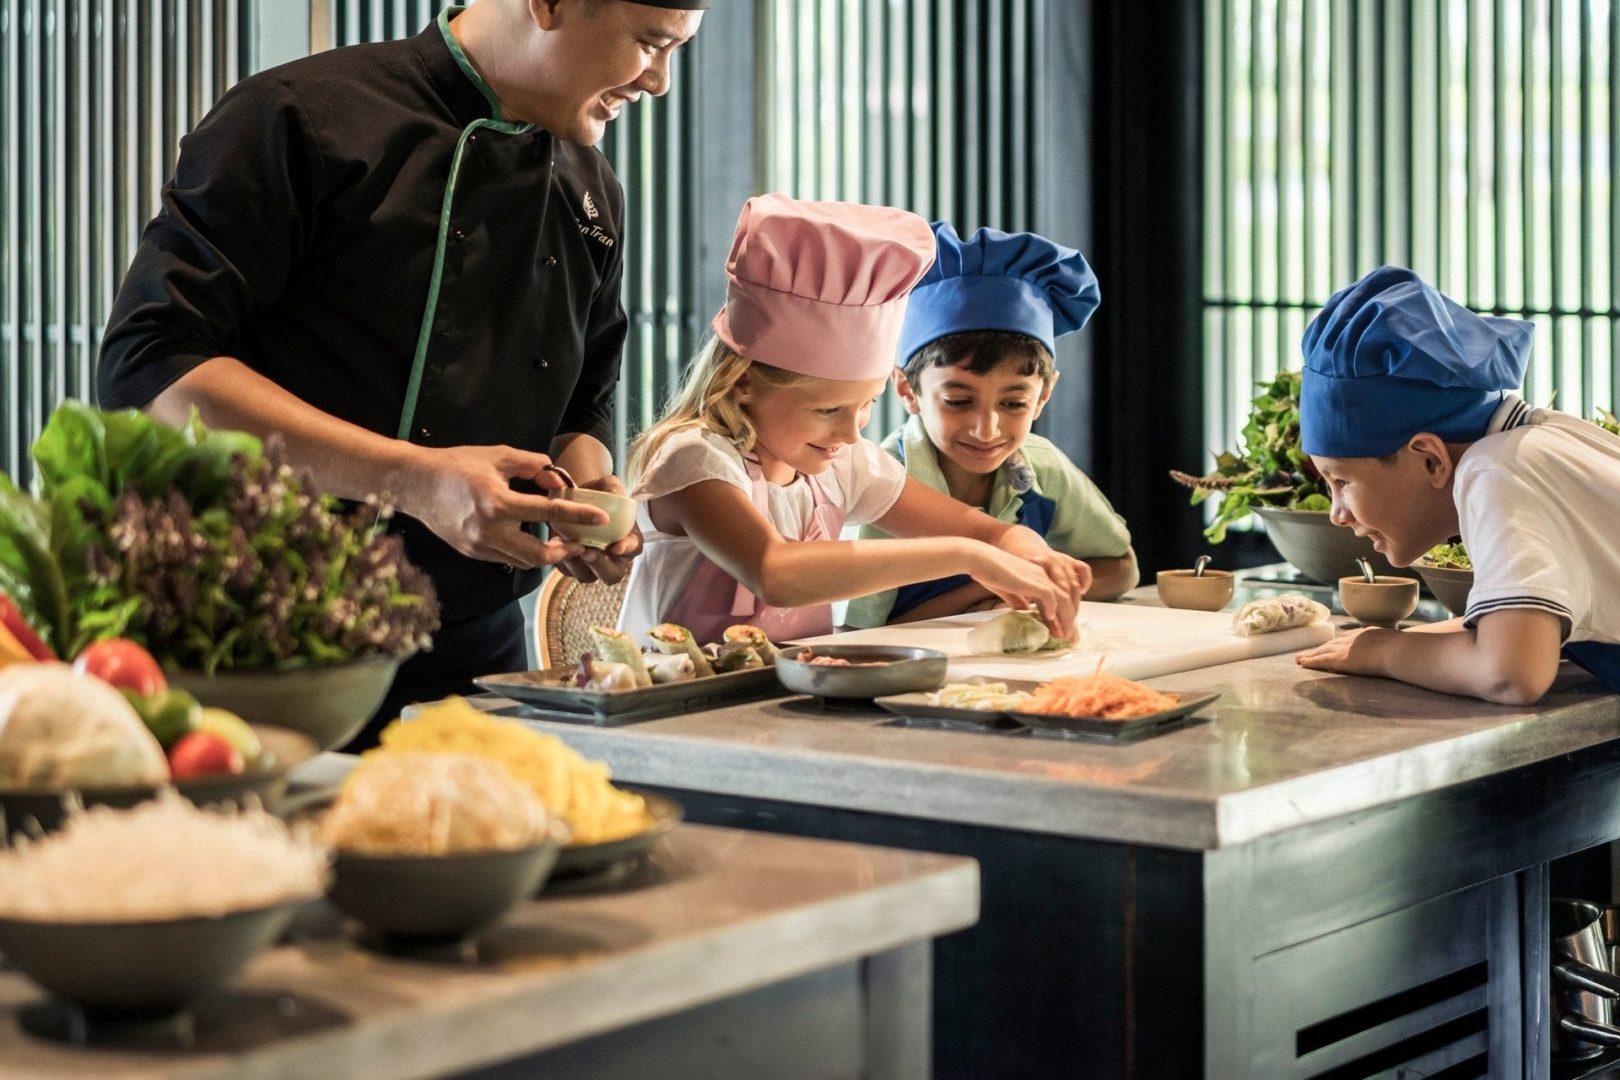 A Kids cookery class